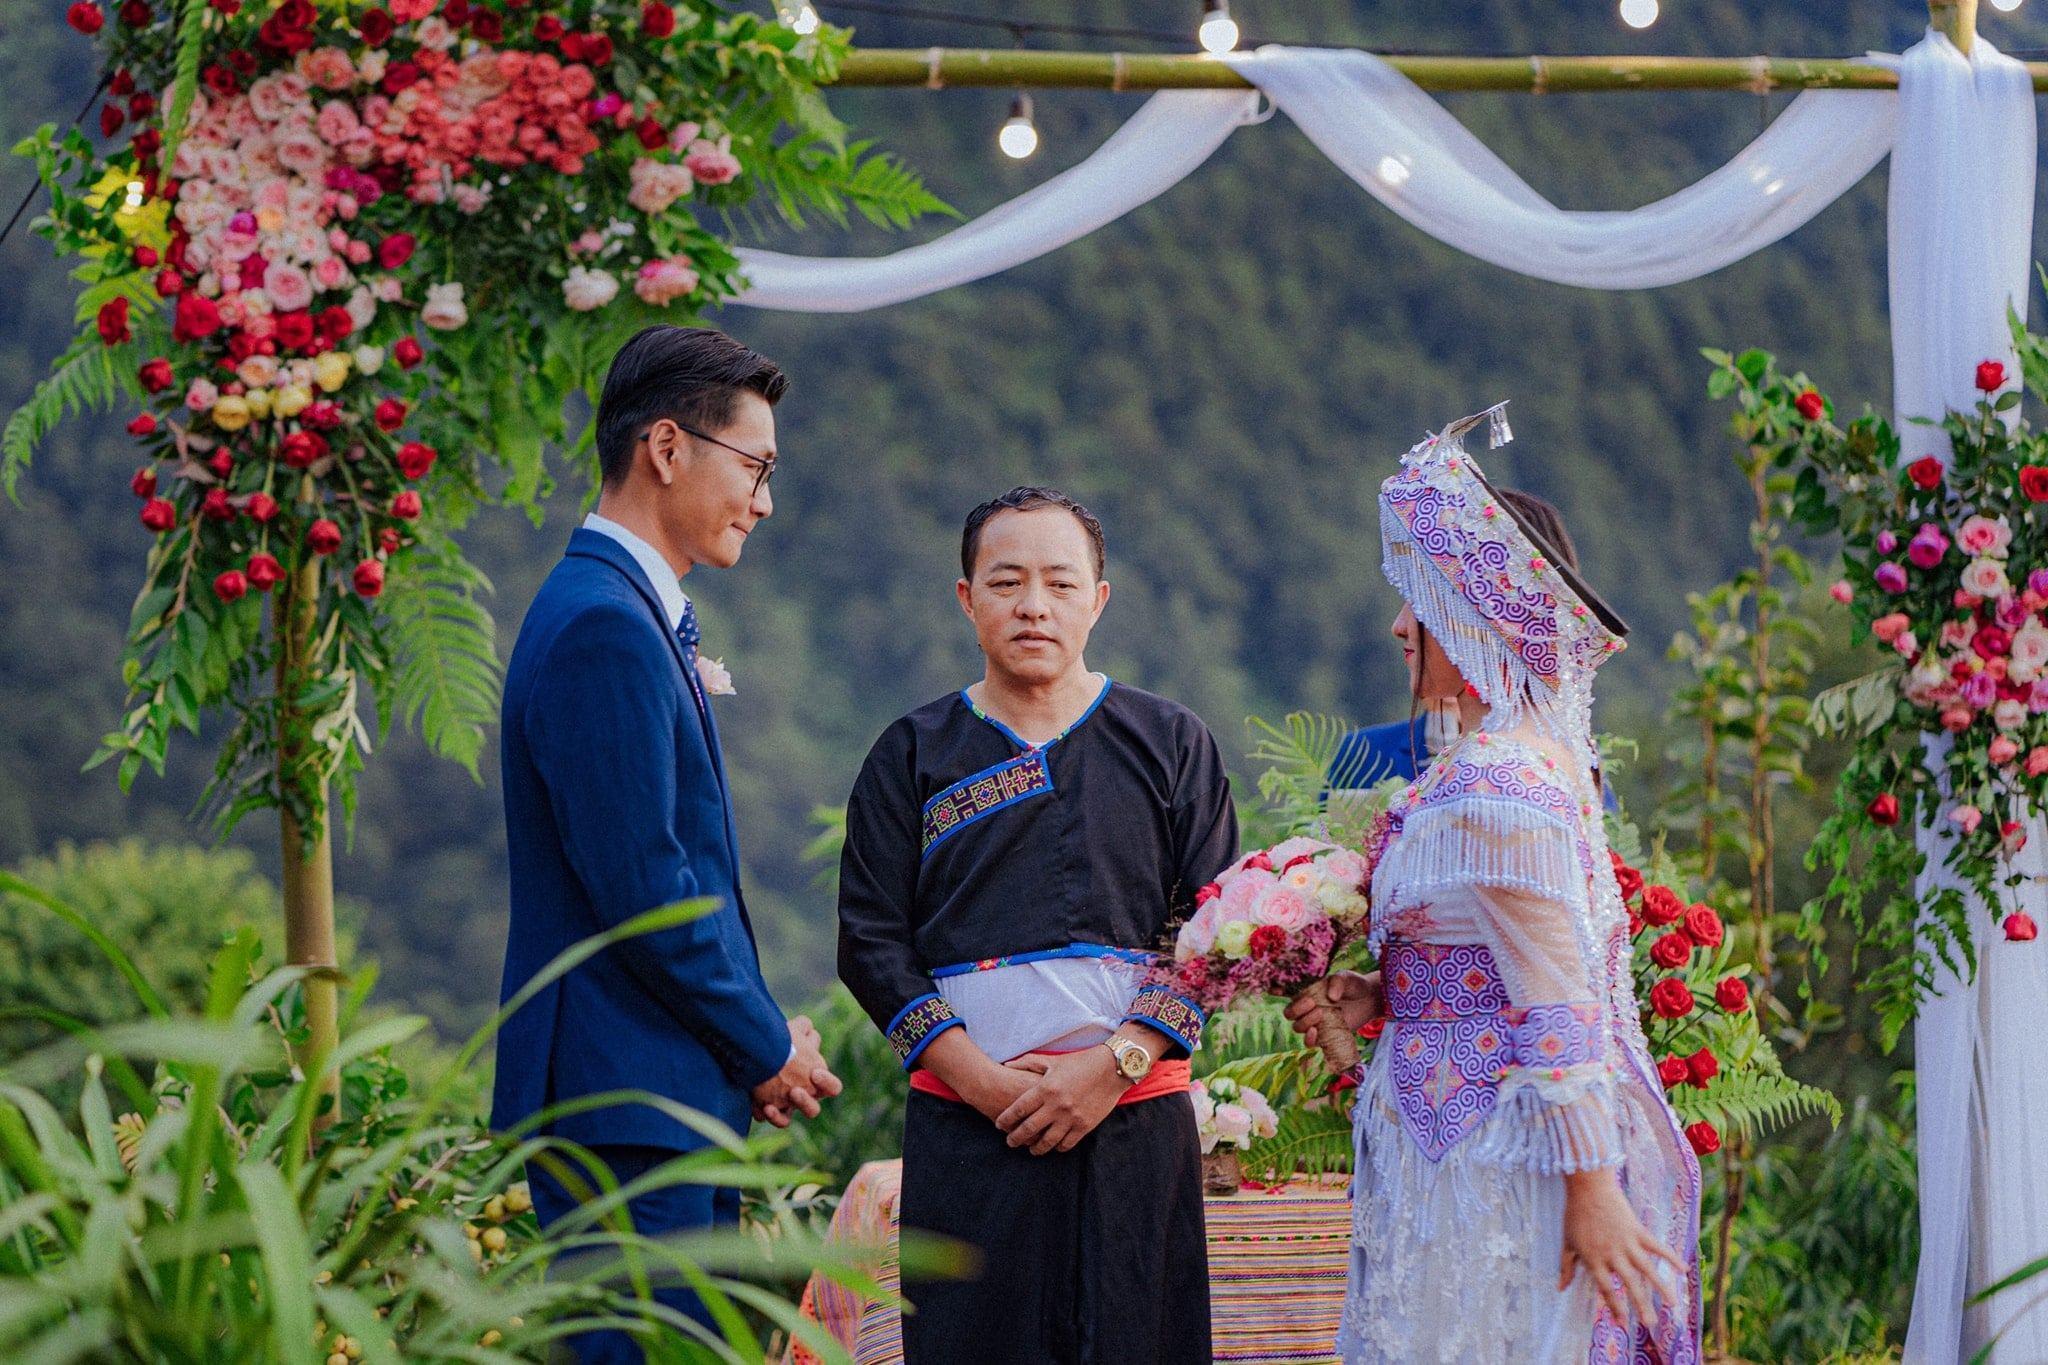 Đám cưới 'siêu lãng mạn' giữa mây trời Tây Bắc của cô dâu H'Mông và chú rể Sài thành